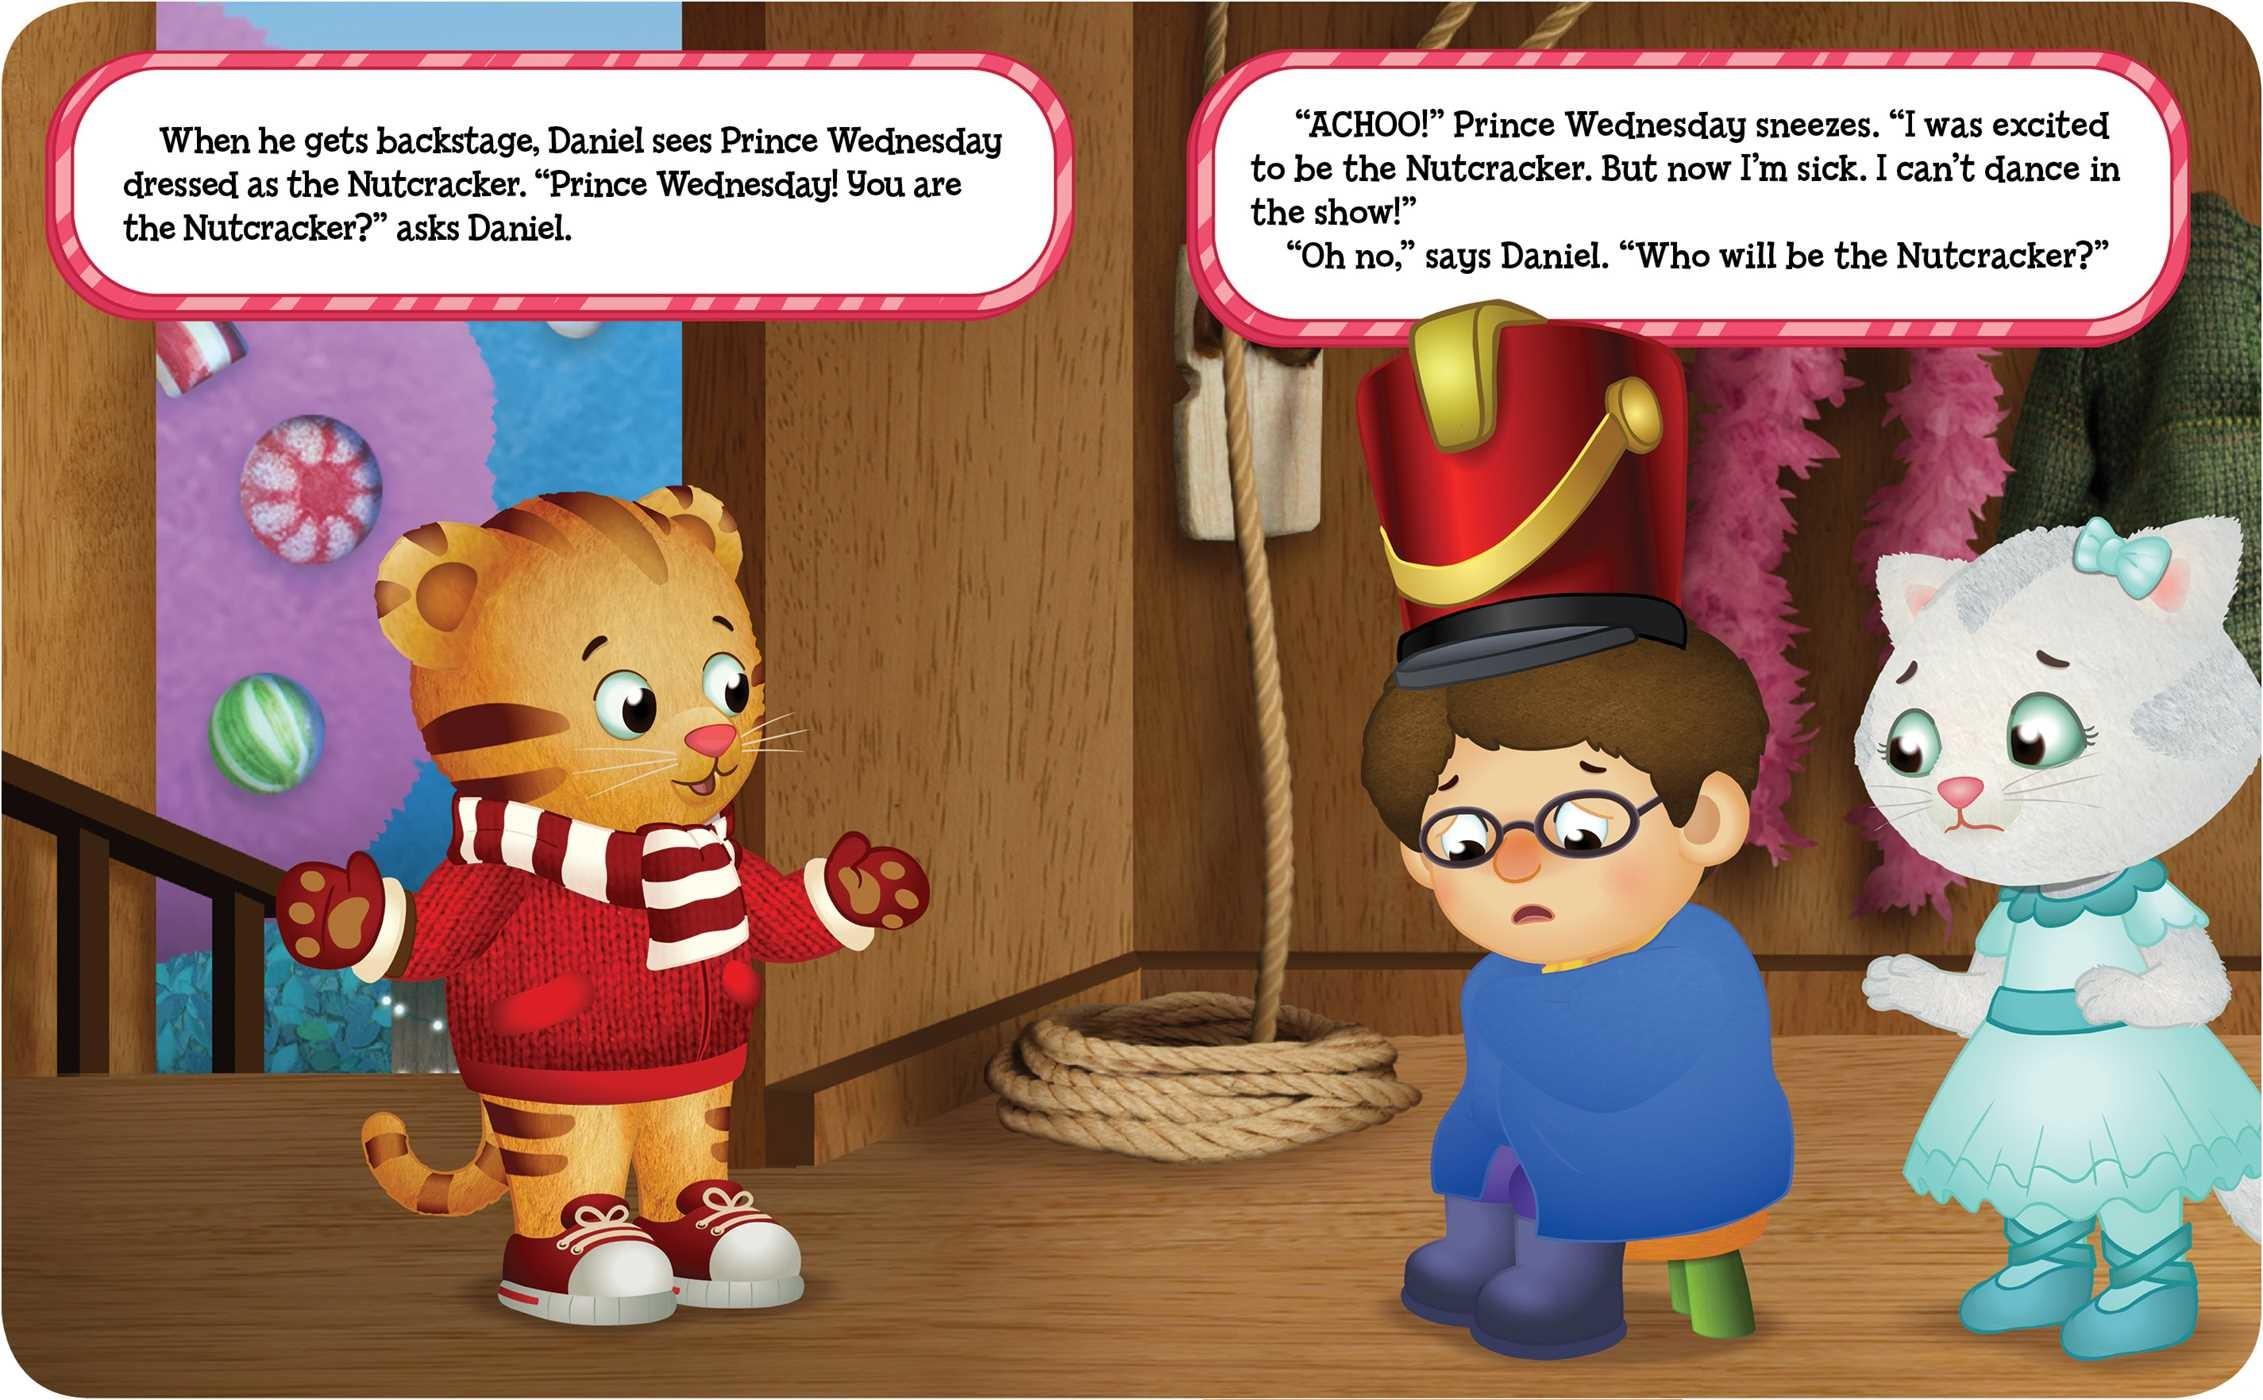 Daniel and the nutcracker 9781534422063.in03